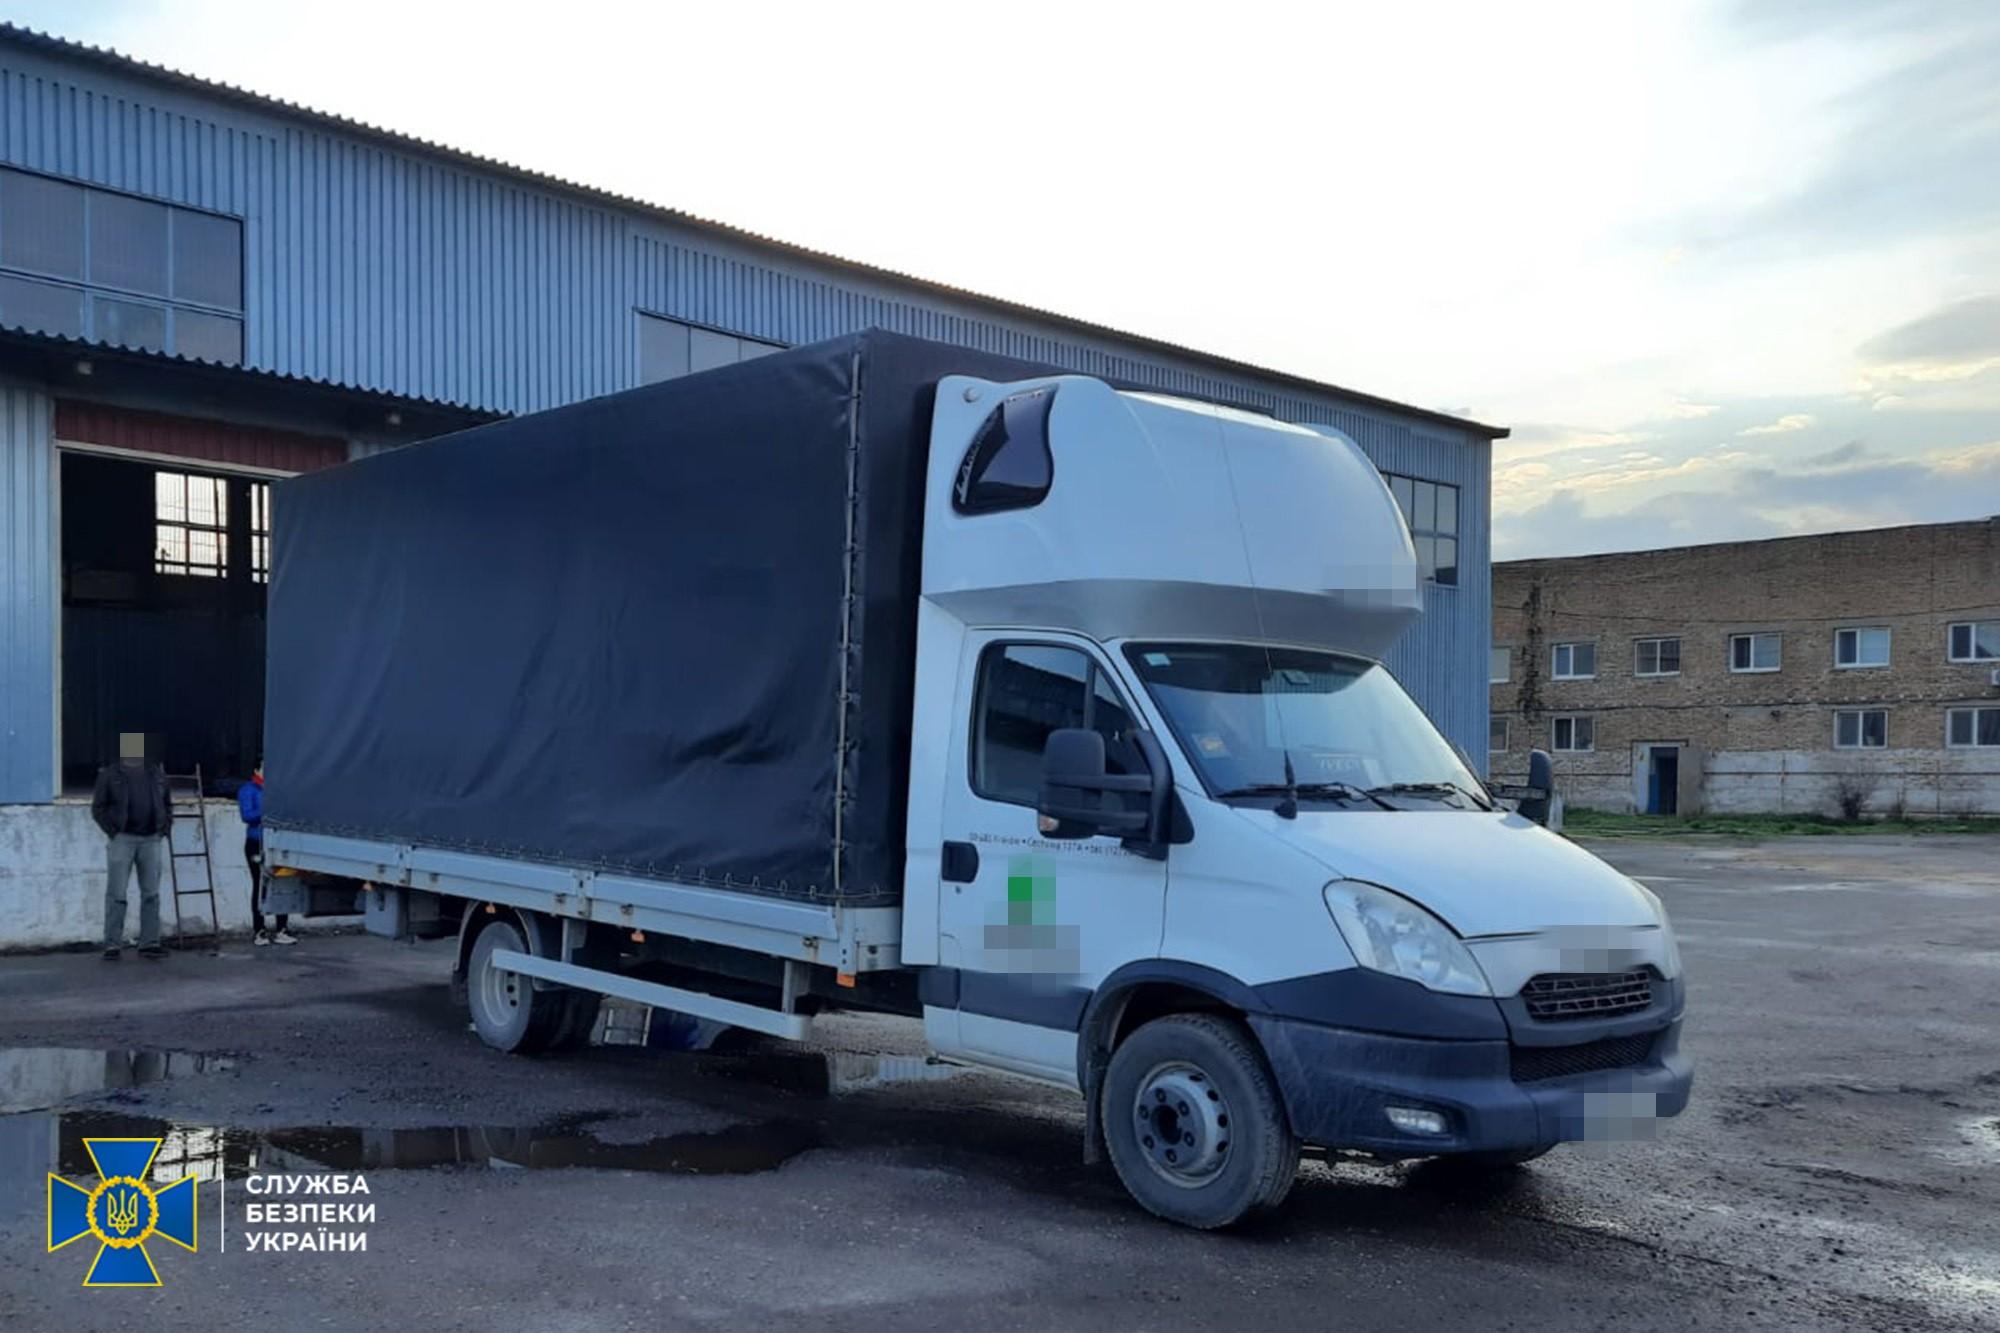 Незаконне вивезення військового обладнання з України припинила СБУ